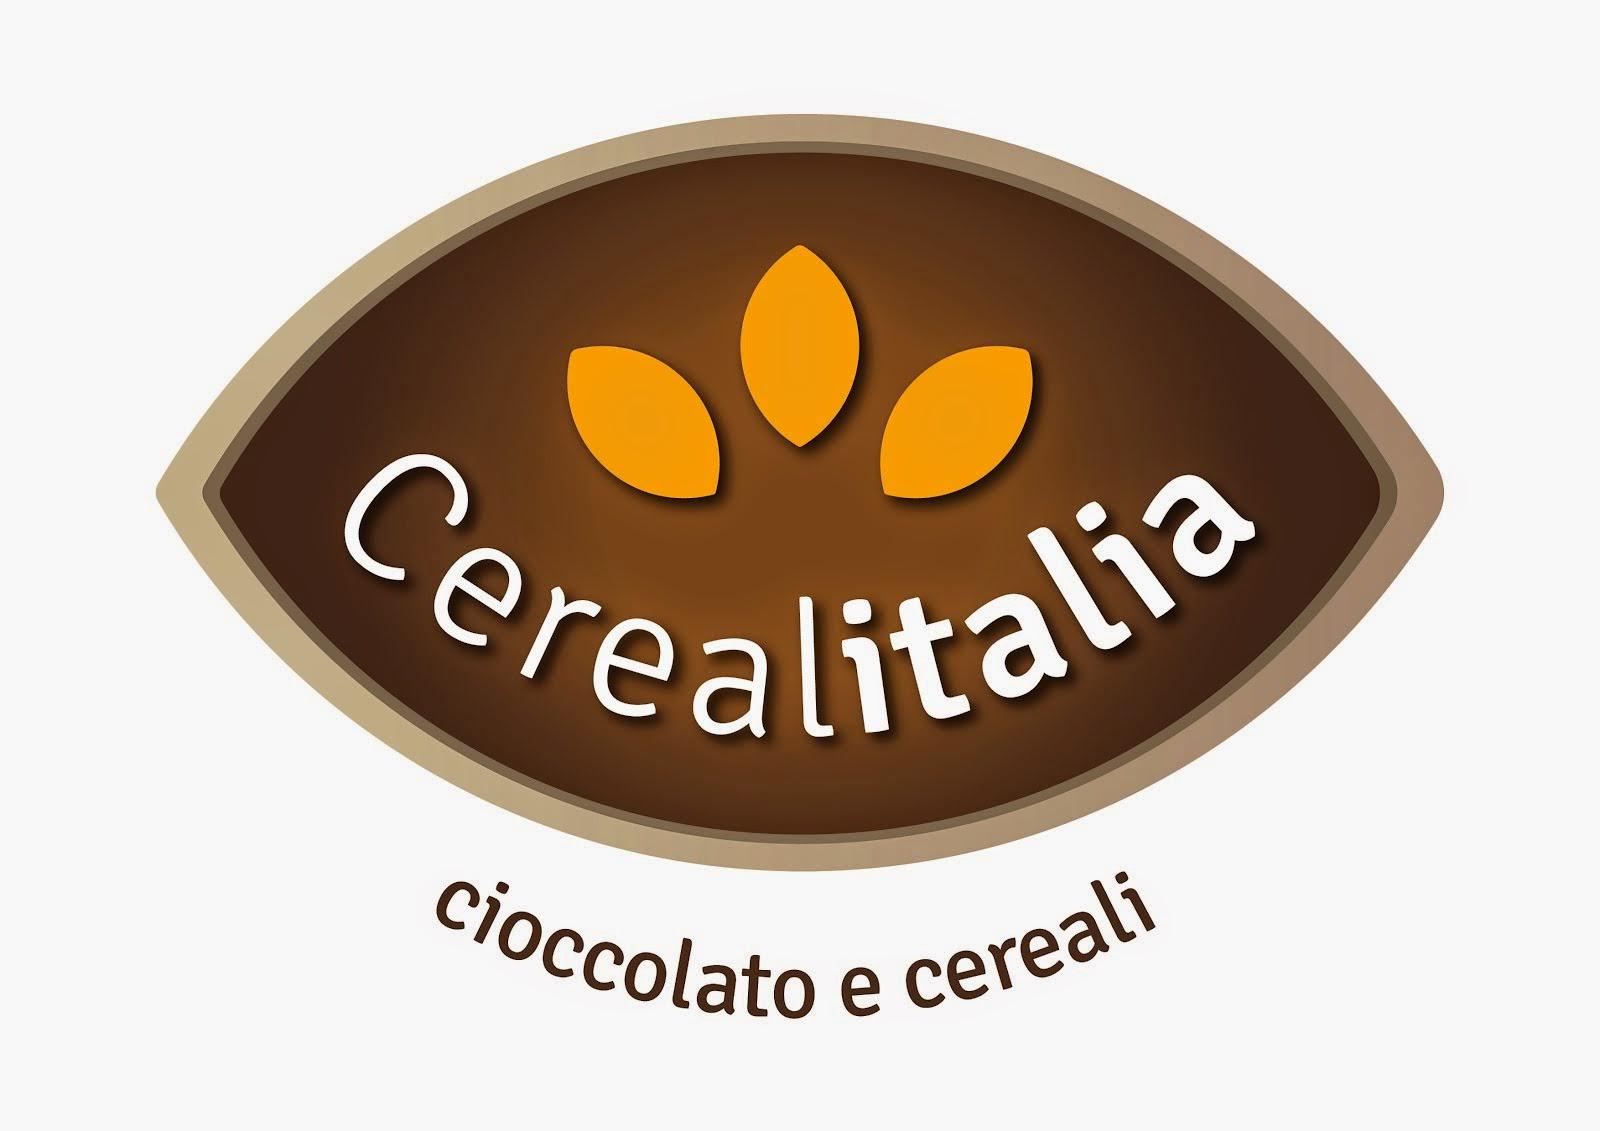 http://www.cerealitalia.it/it/